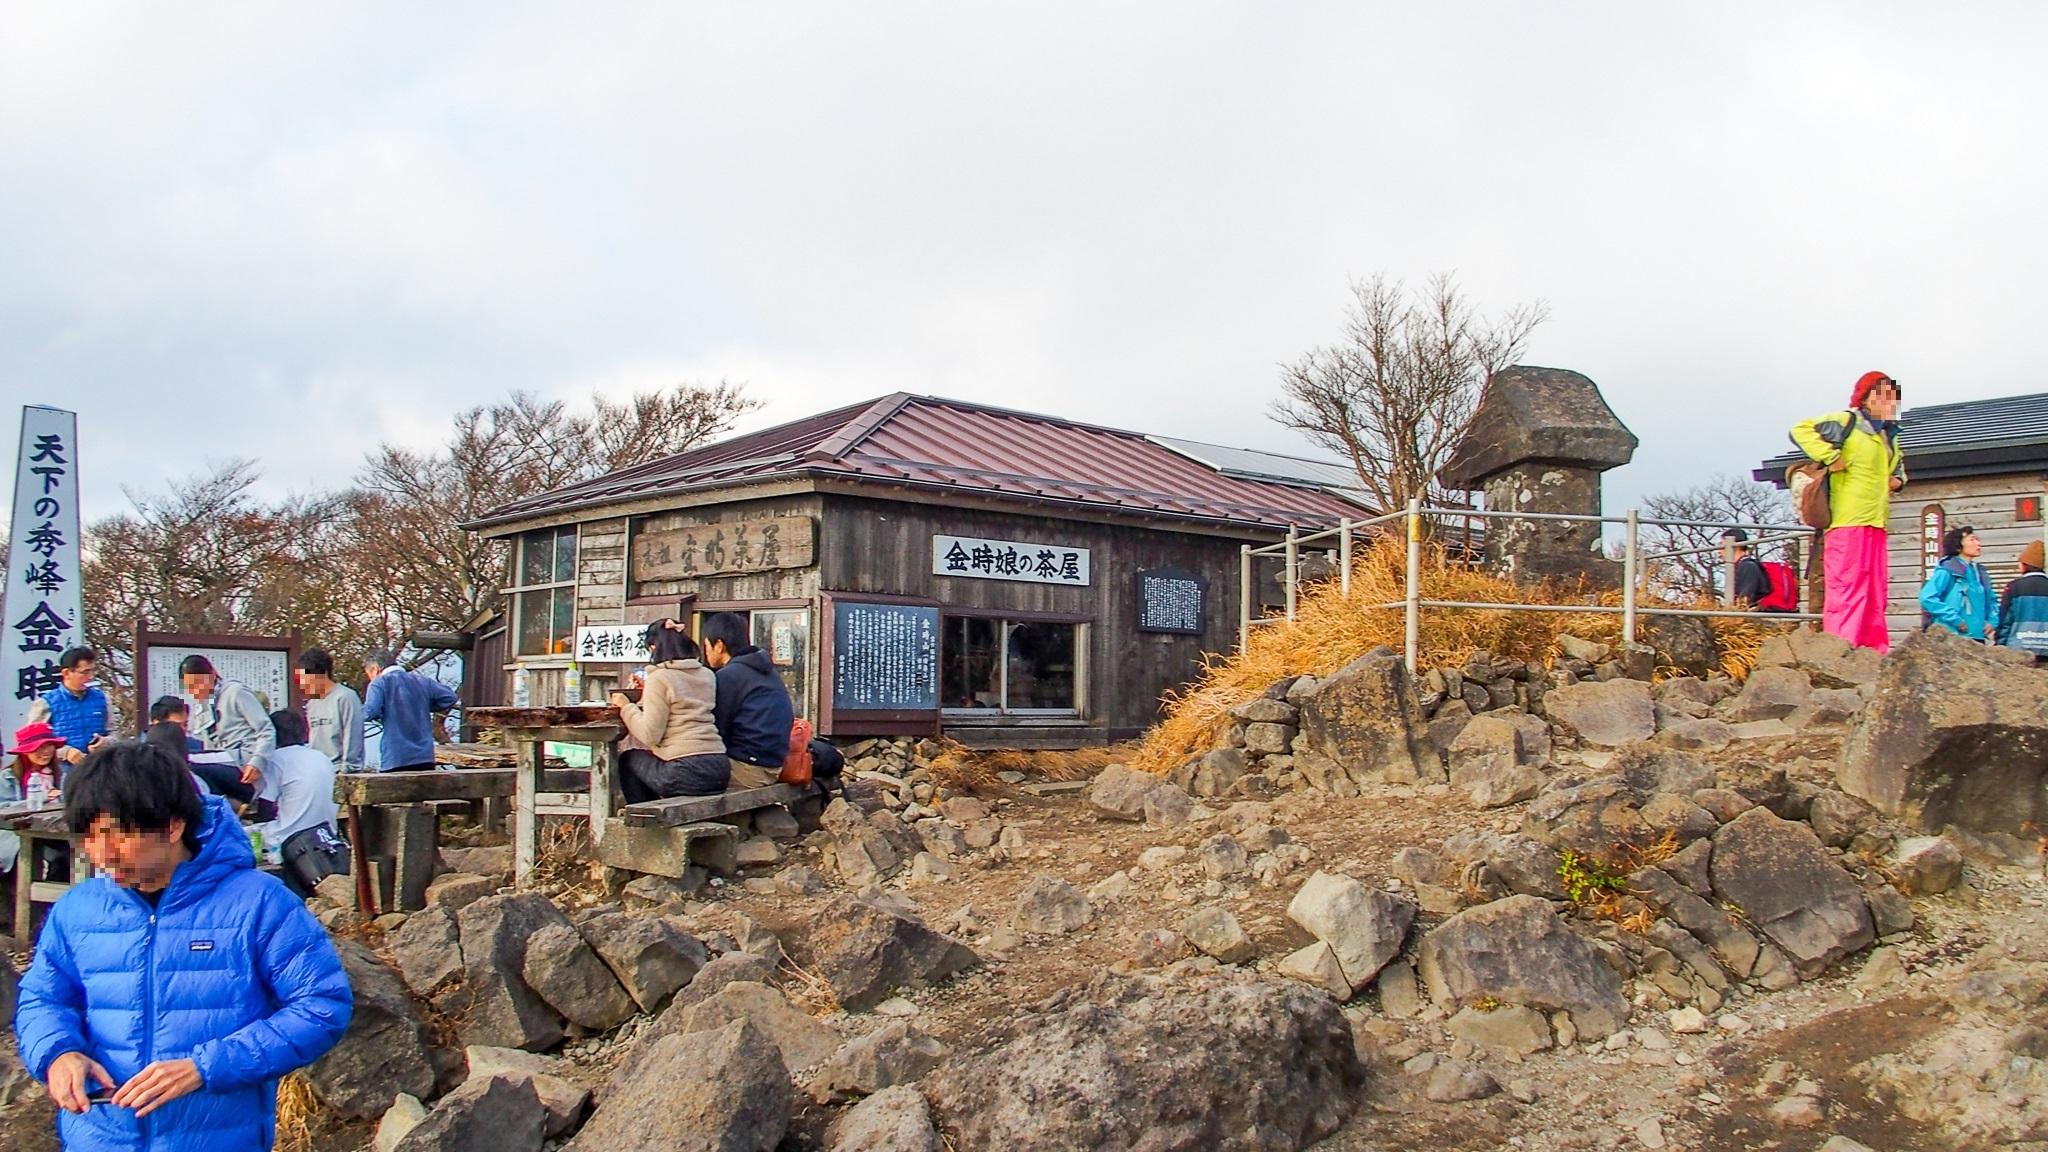 金時山・金太郎茶屋の隣には金時娘の茶屋